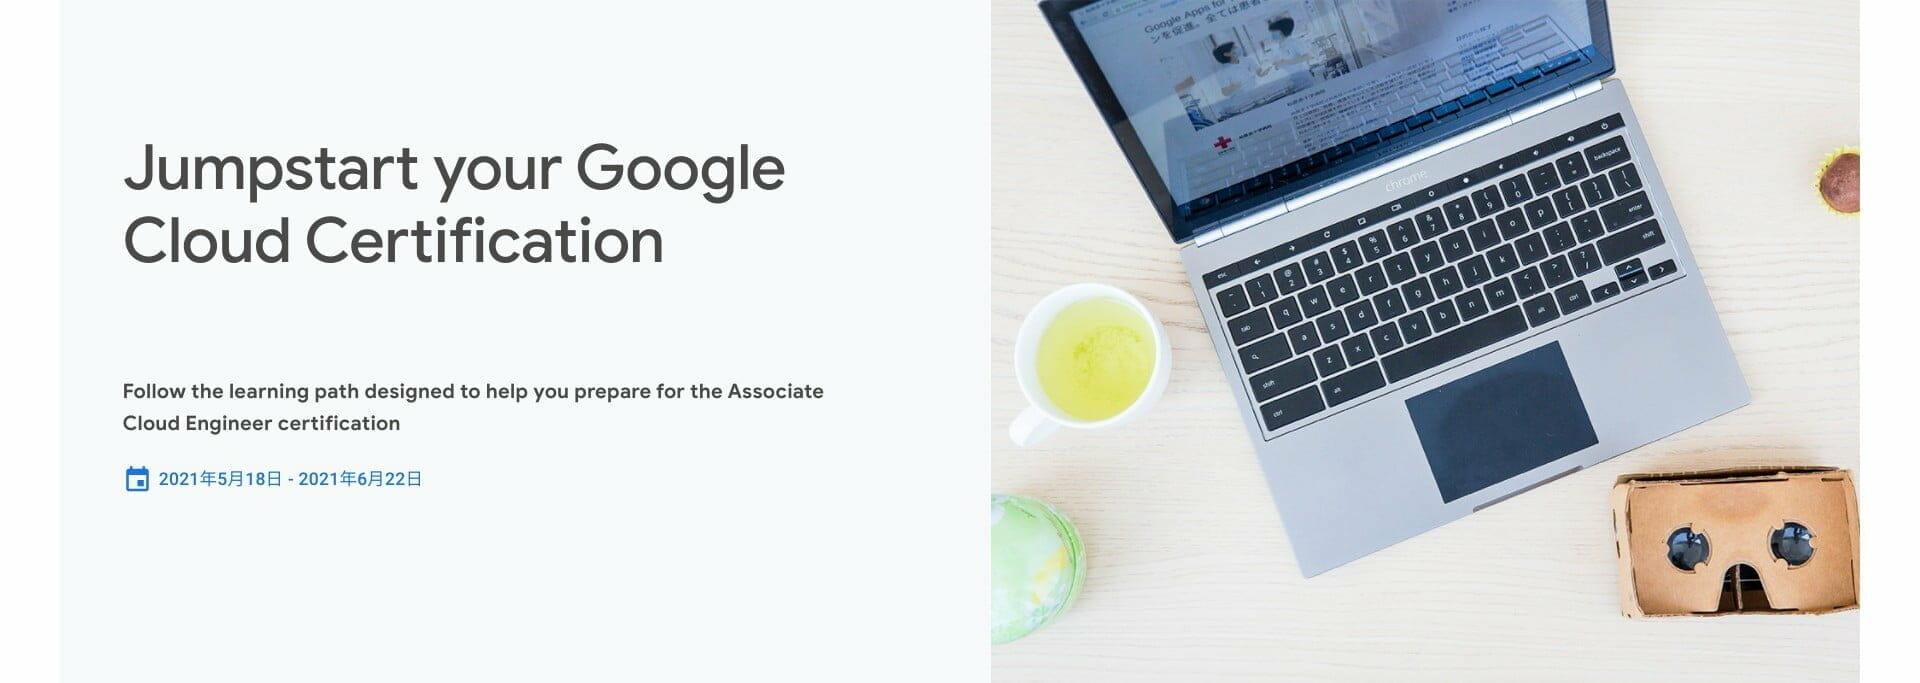 [GCP] Jumpstart your Google Cloud Certification